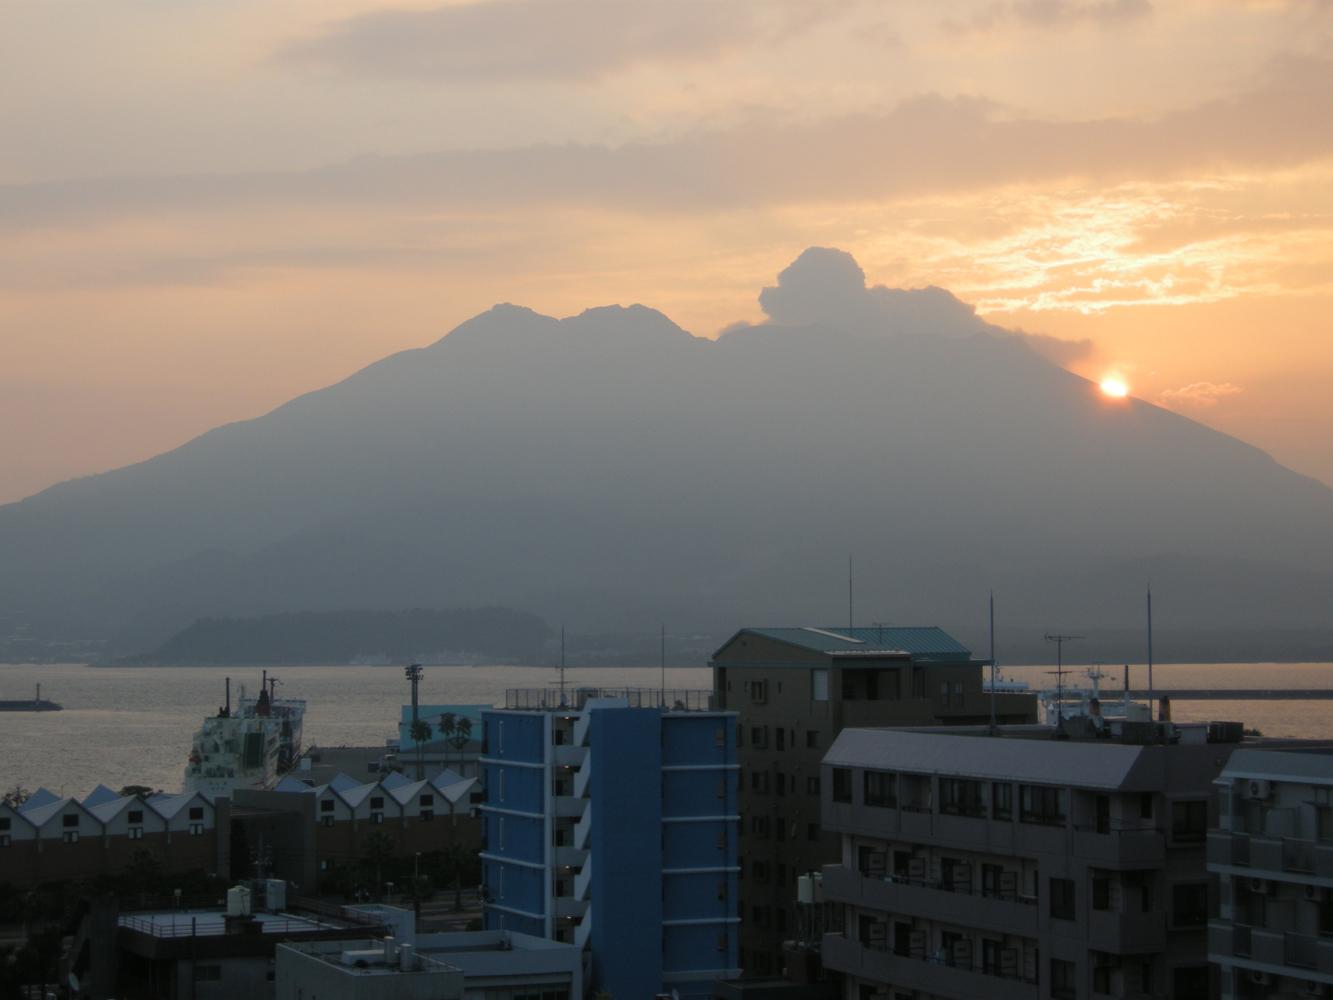 九州旅行で行くべき観光スポットは?楽しい名所や人気の観光地をご紹介!